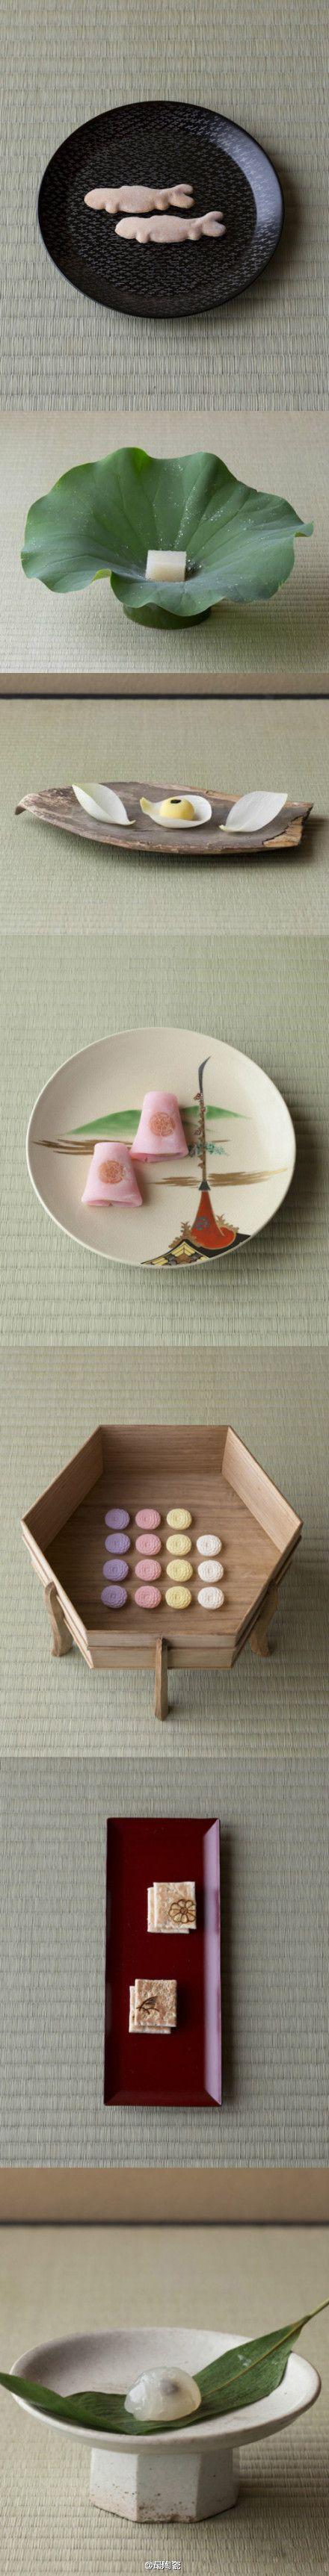 【木村宗慎(Kimura Soshin)一日一葉】继花人川濑敏郎(Kawase Toshiro)后,茶道家木村宗慎选适宜的叶子,择相应的器皿,同为生命结缘相遇,感知最美的一瞬。